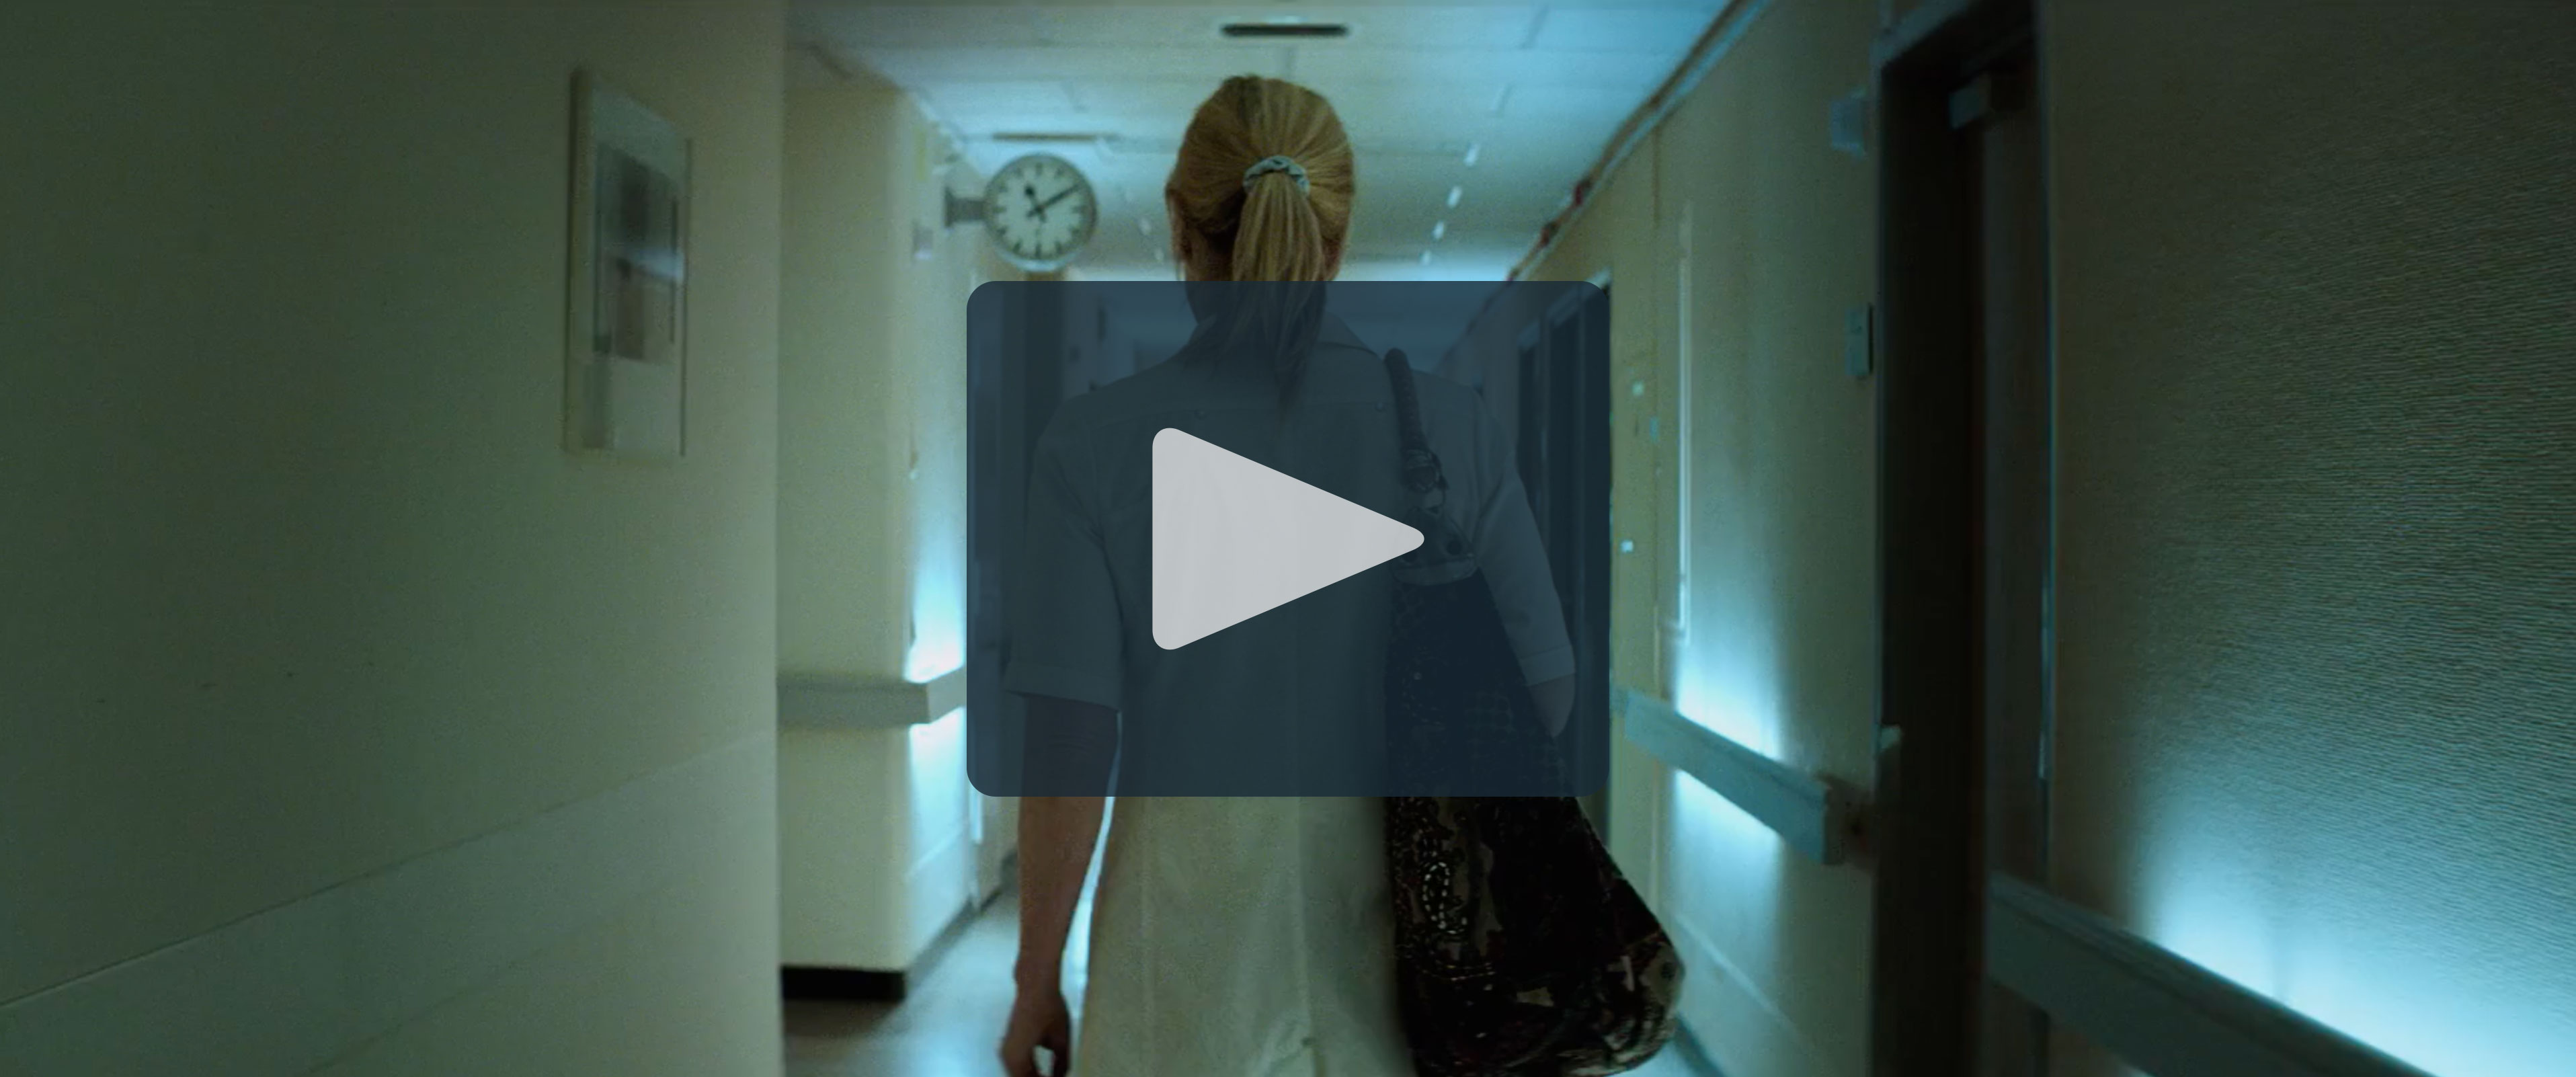 Accused (2014) - Trailer